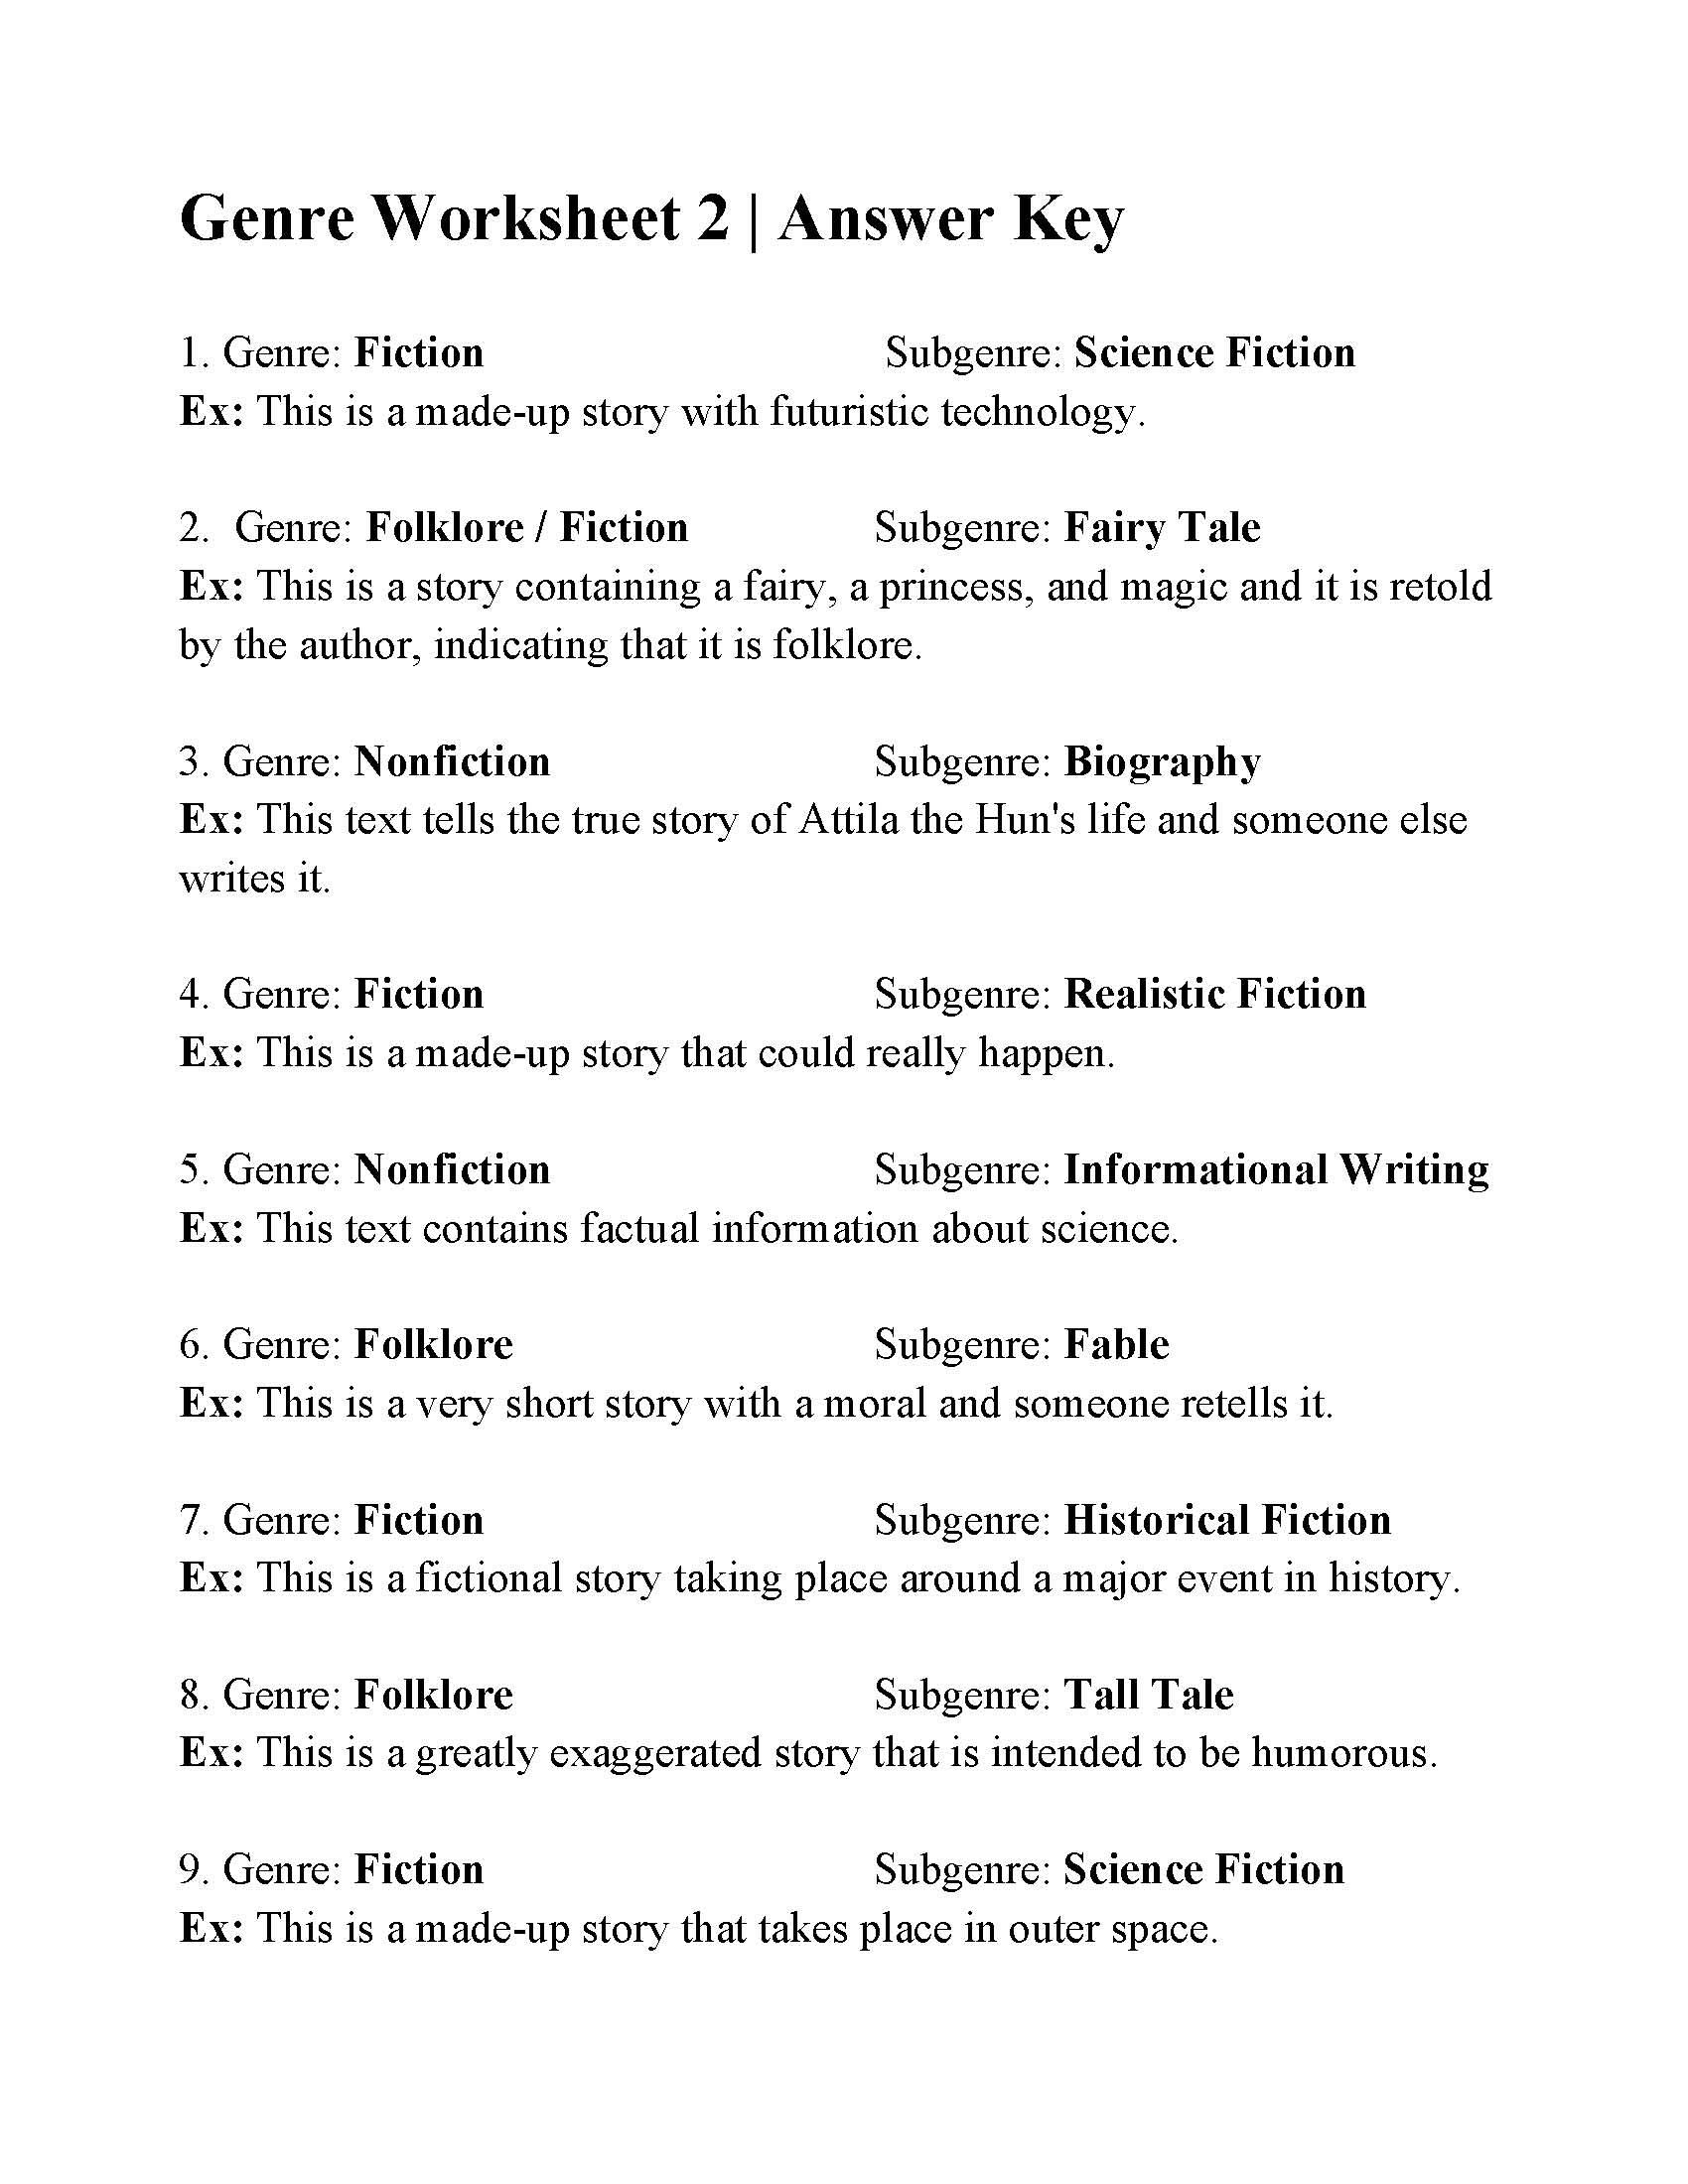 Genre Worksheet 2